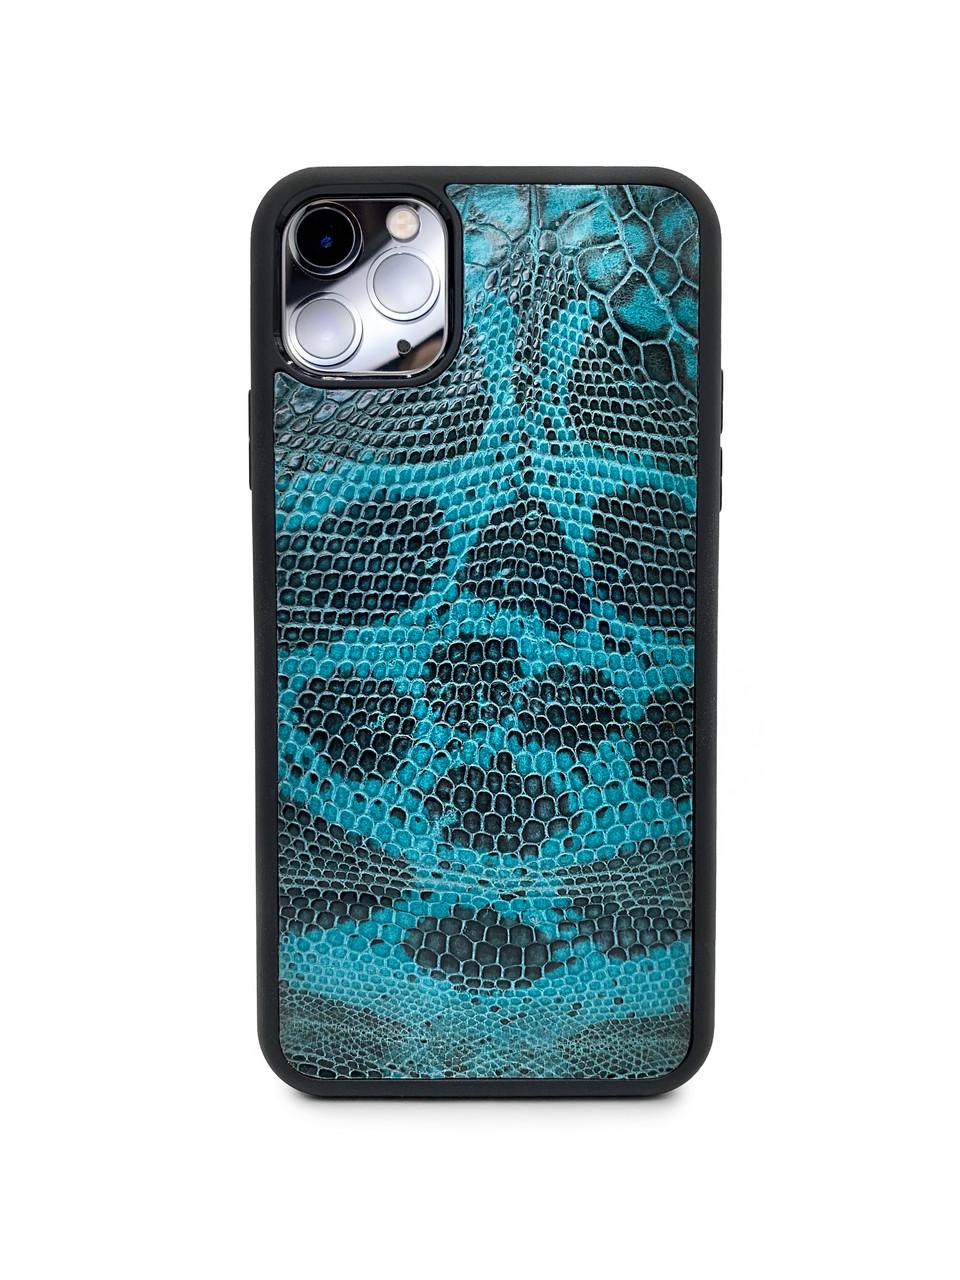 Чехол для iPhone 11 Pro Max бирюзового цвета из кожи Игуаны